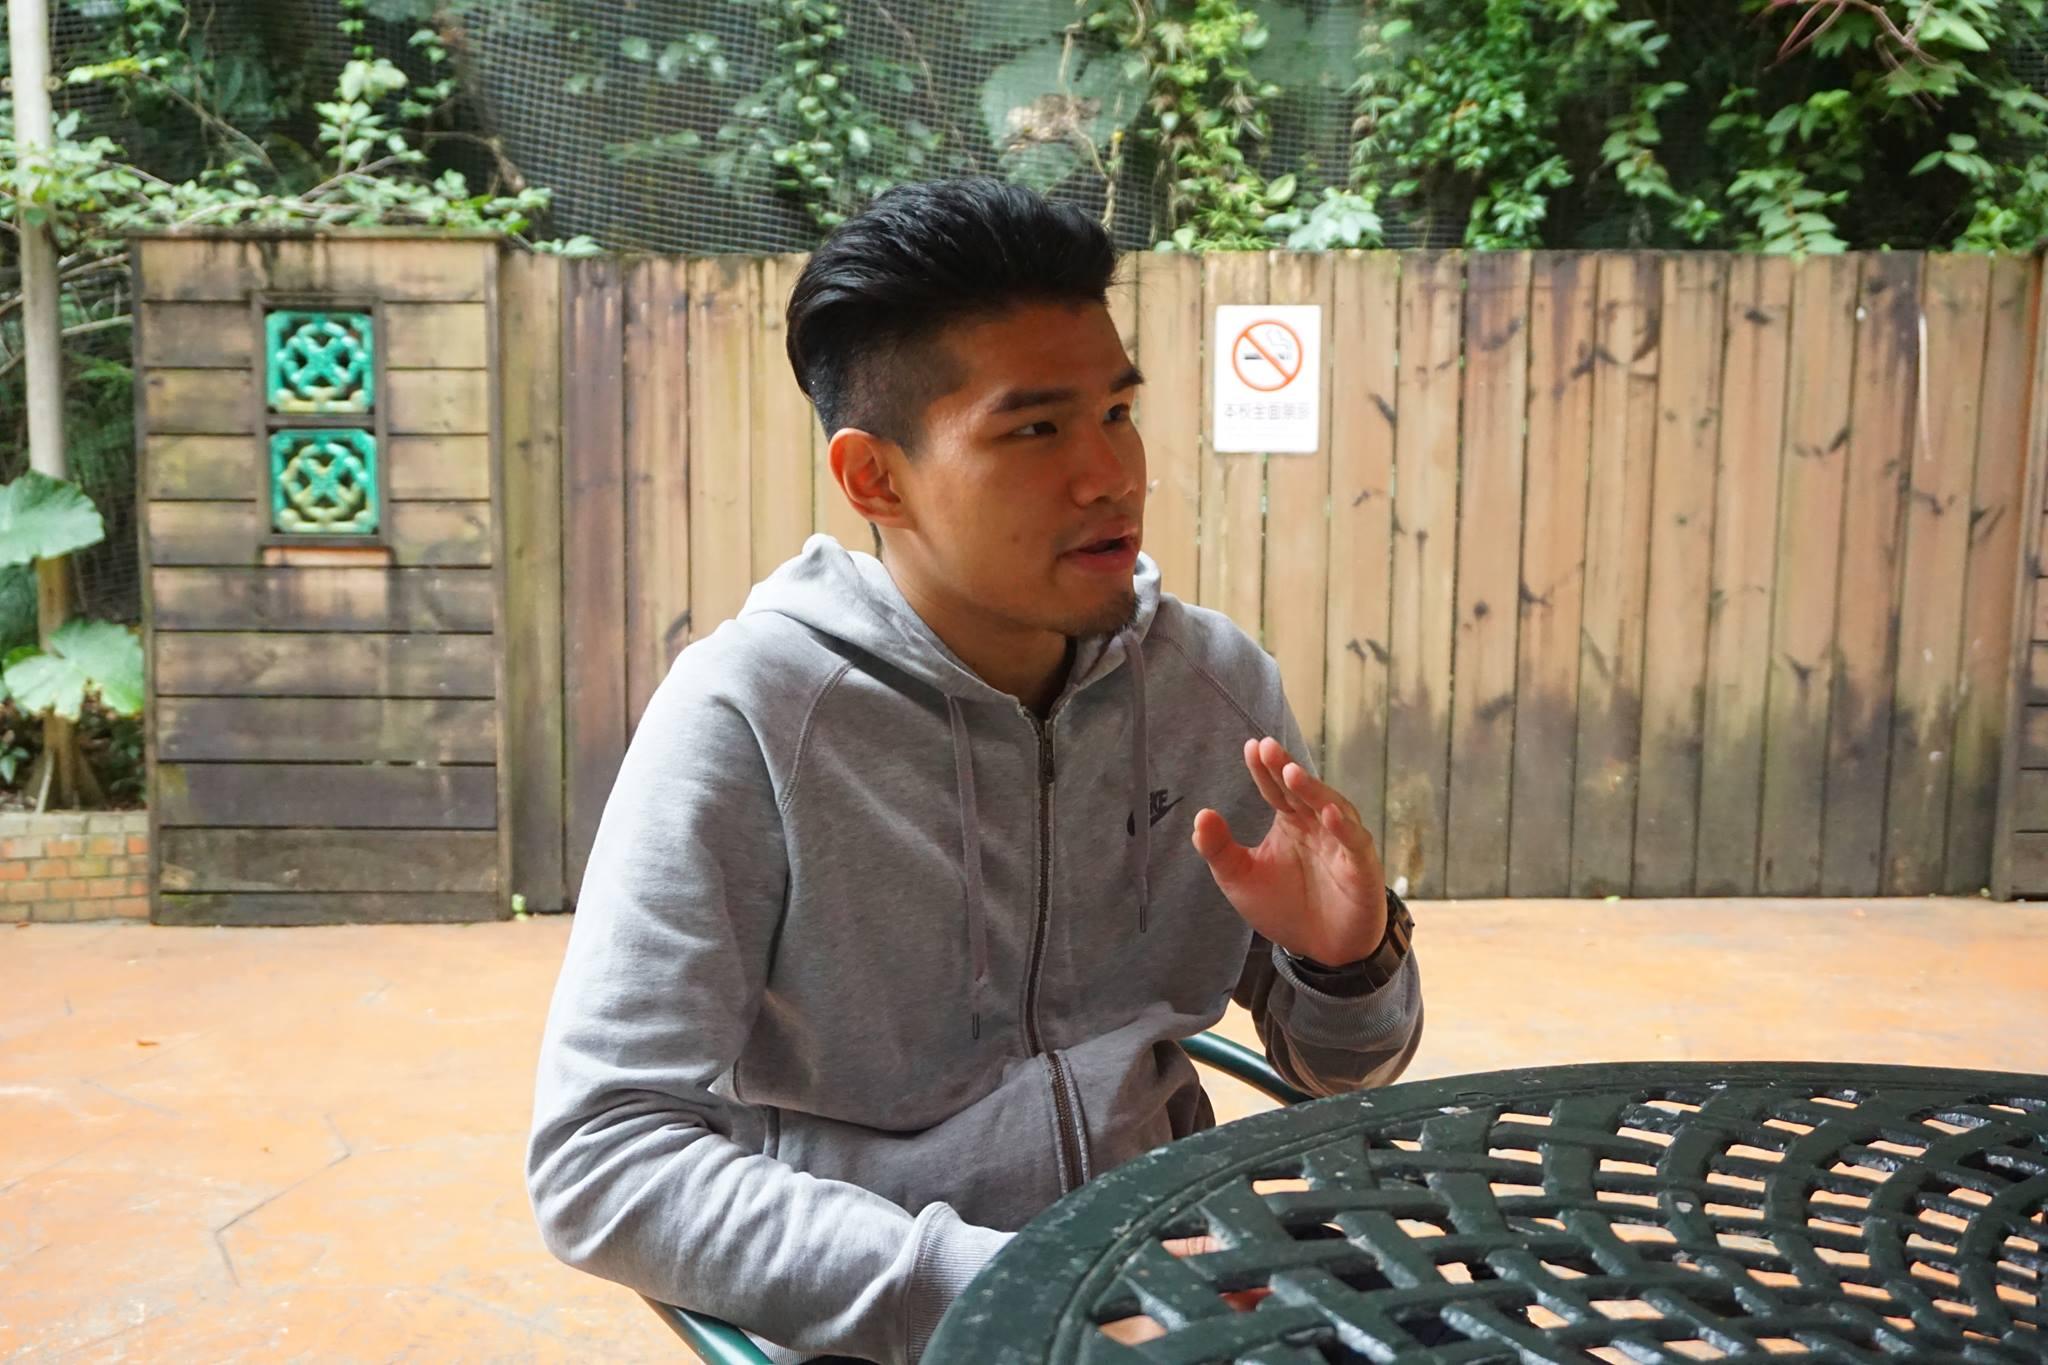 世新大學學生李承宣說明自己好友被盜用的經歷。攝影/陳祈安